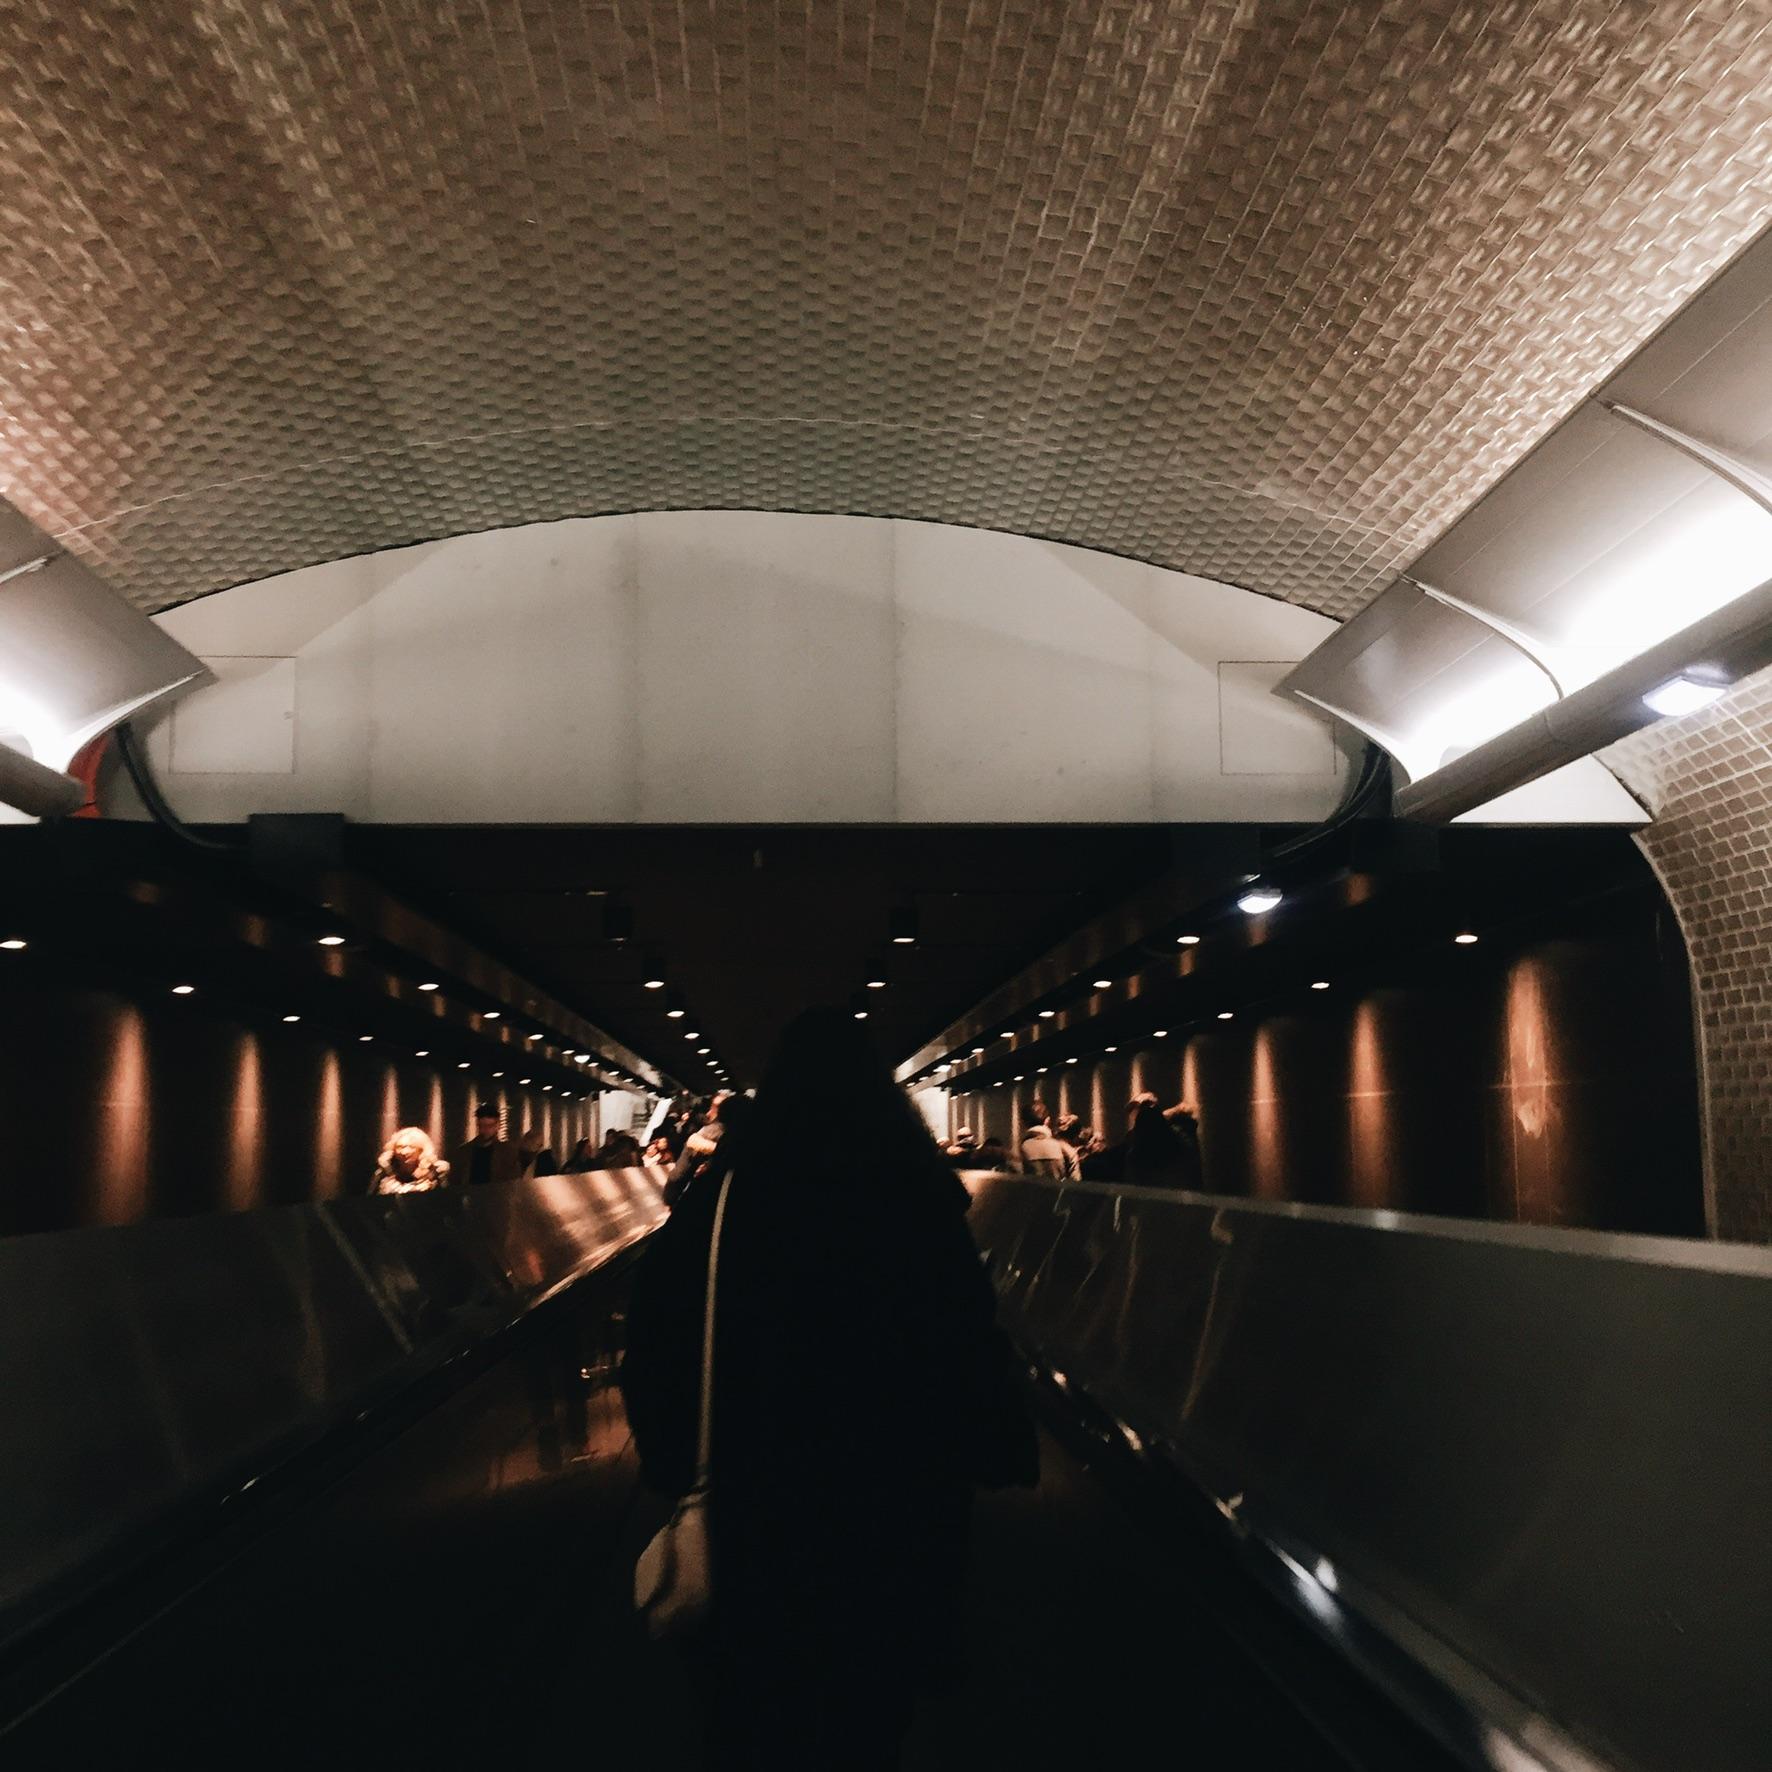 Dans le métro - Paris